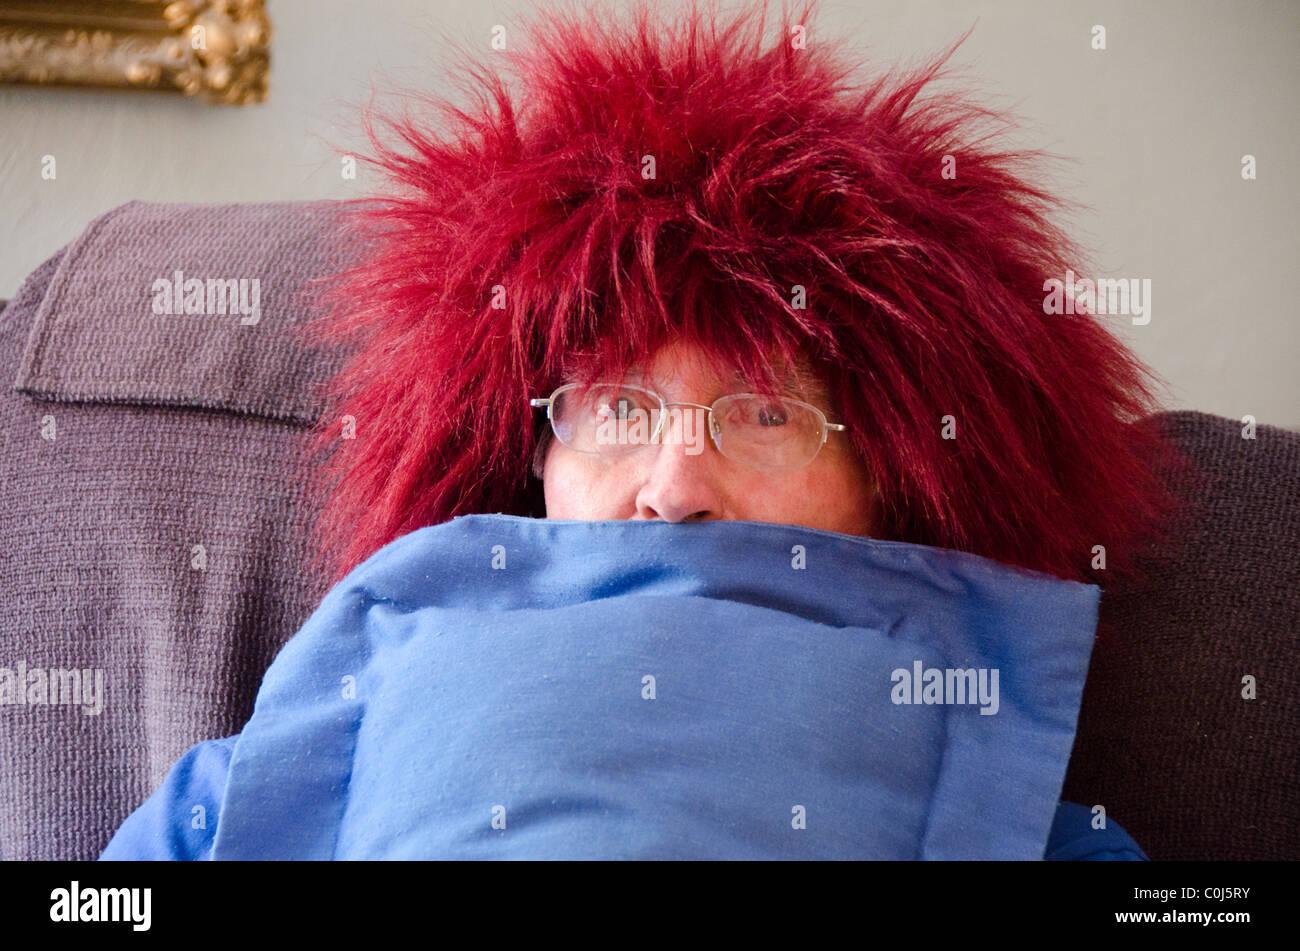 Un uomo anziano agisce silly mettendo su una rossa parrucca fuzzy. Stati Uniti d'America Foto Stock